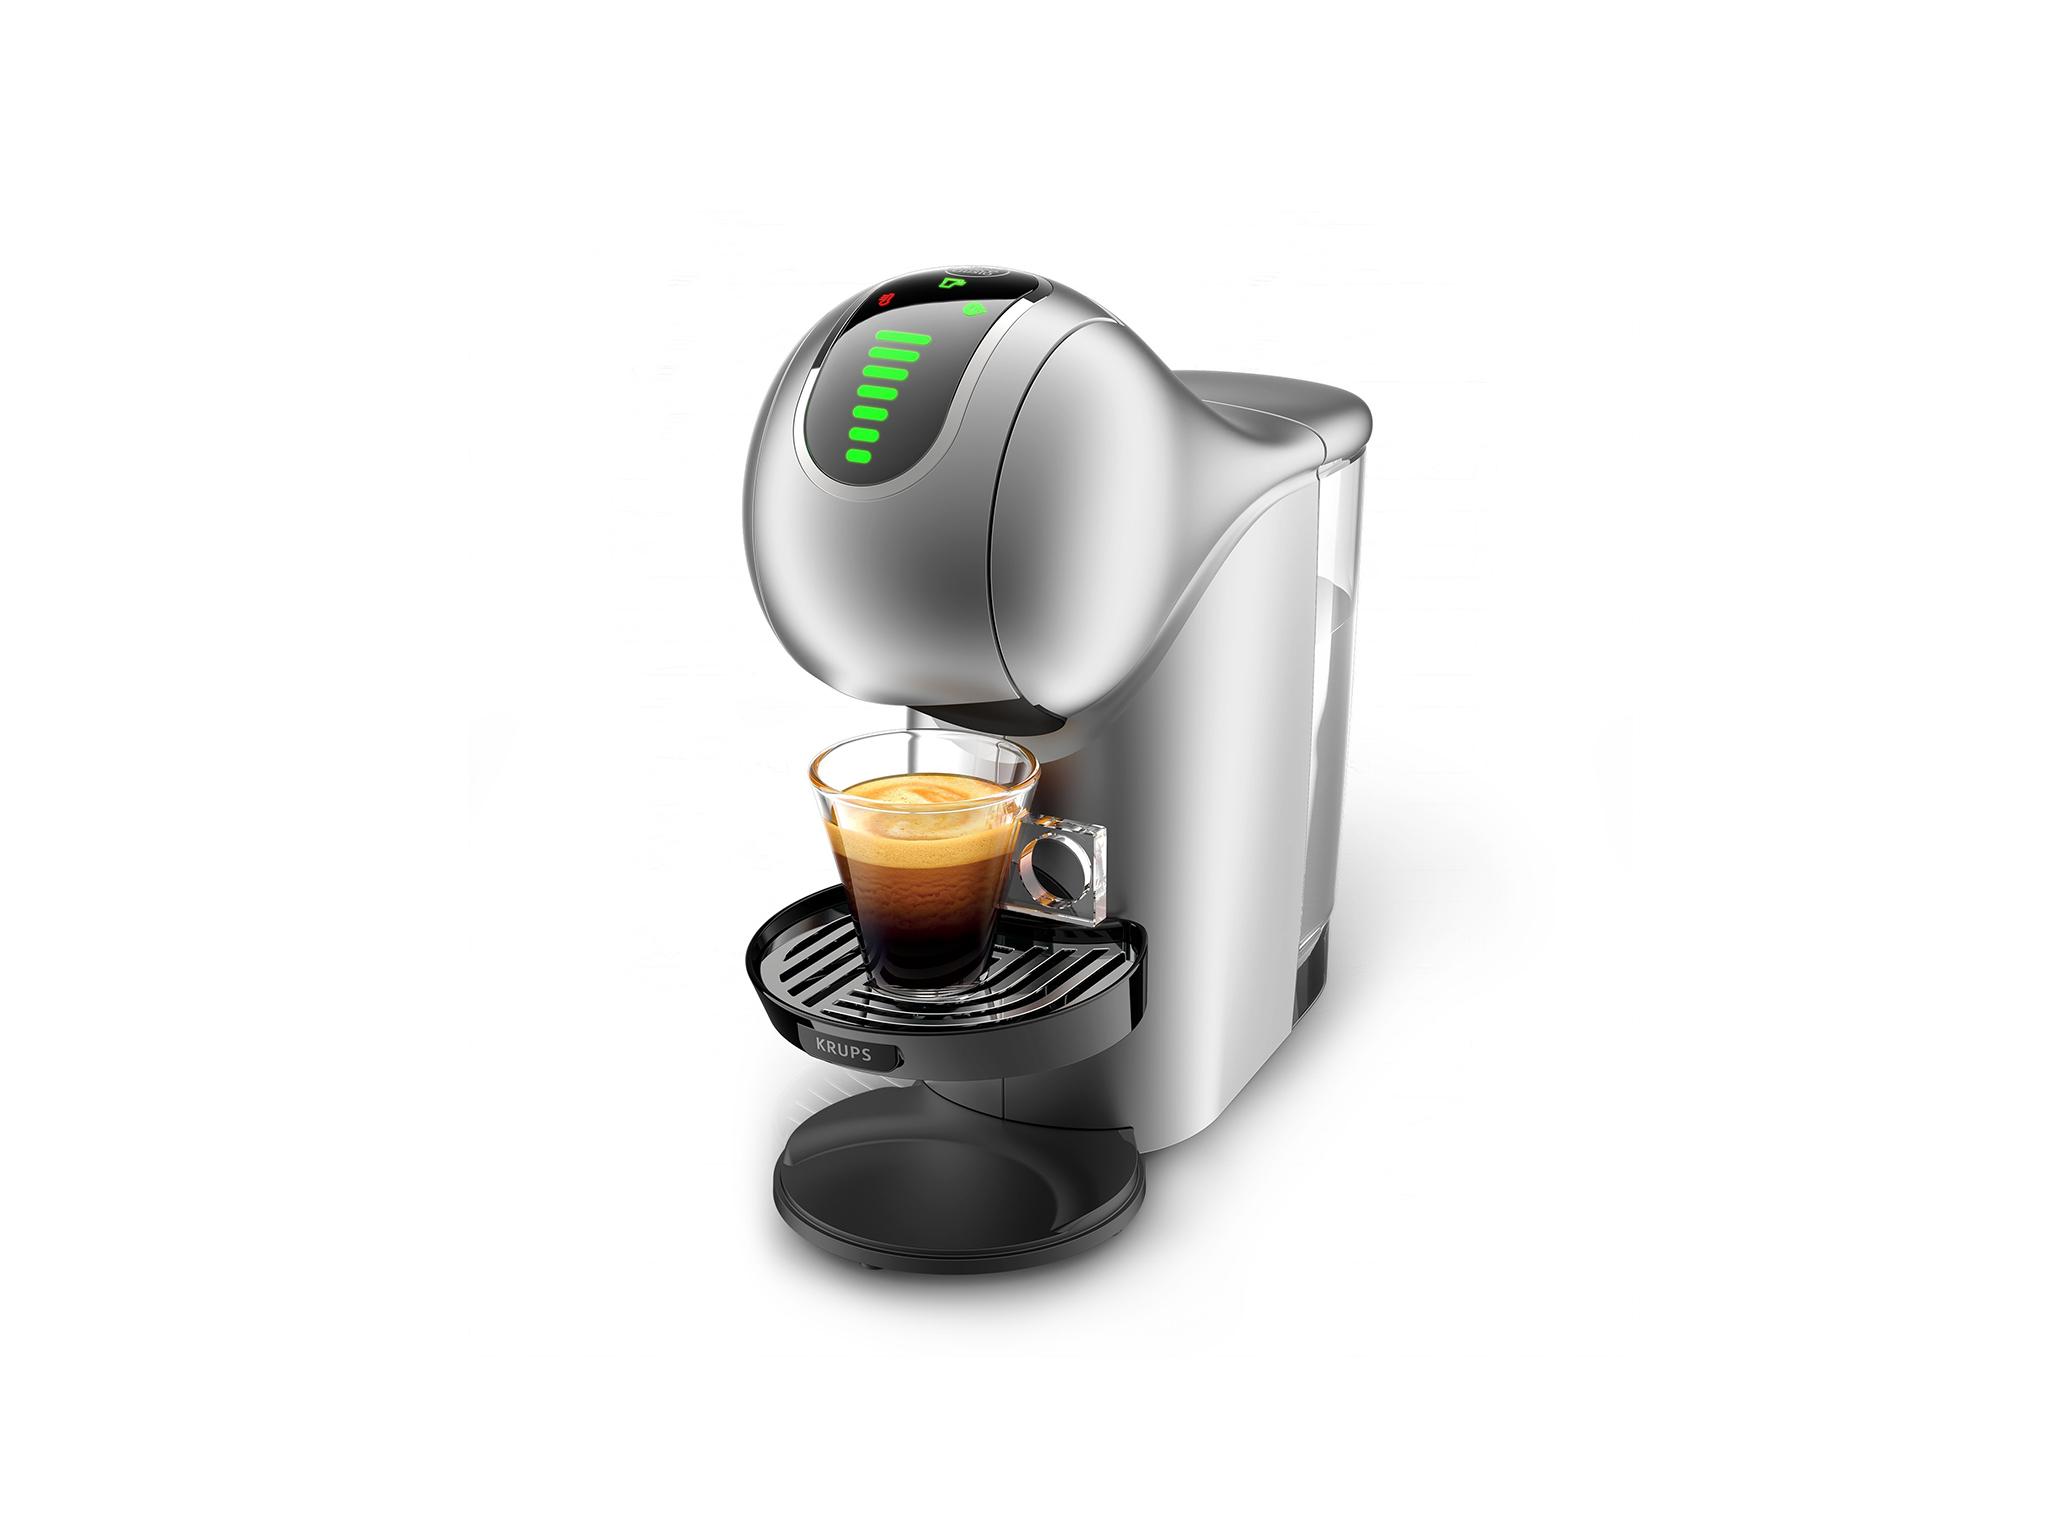 Artigos de Cozinha, Shopping Natal 2020, Genios, Máquina de Café